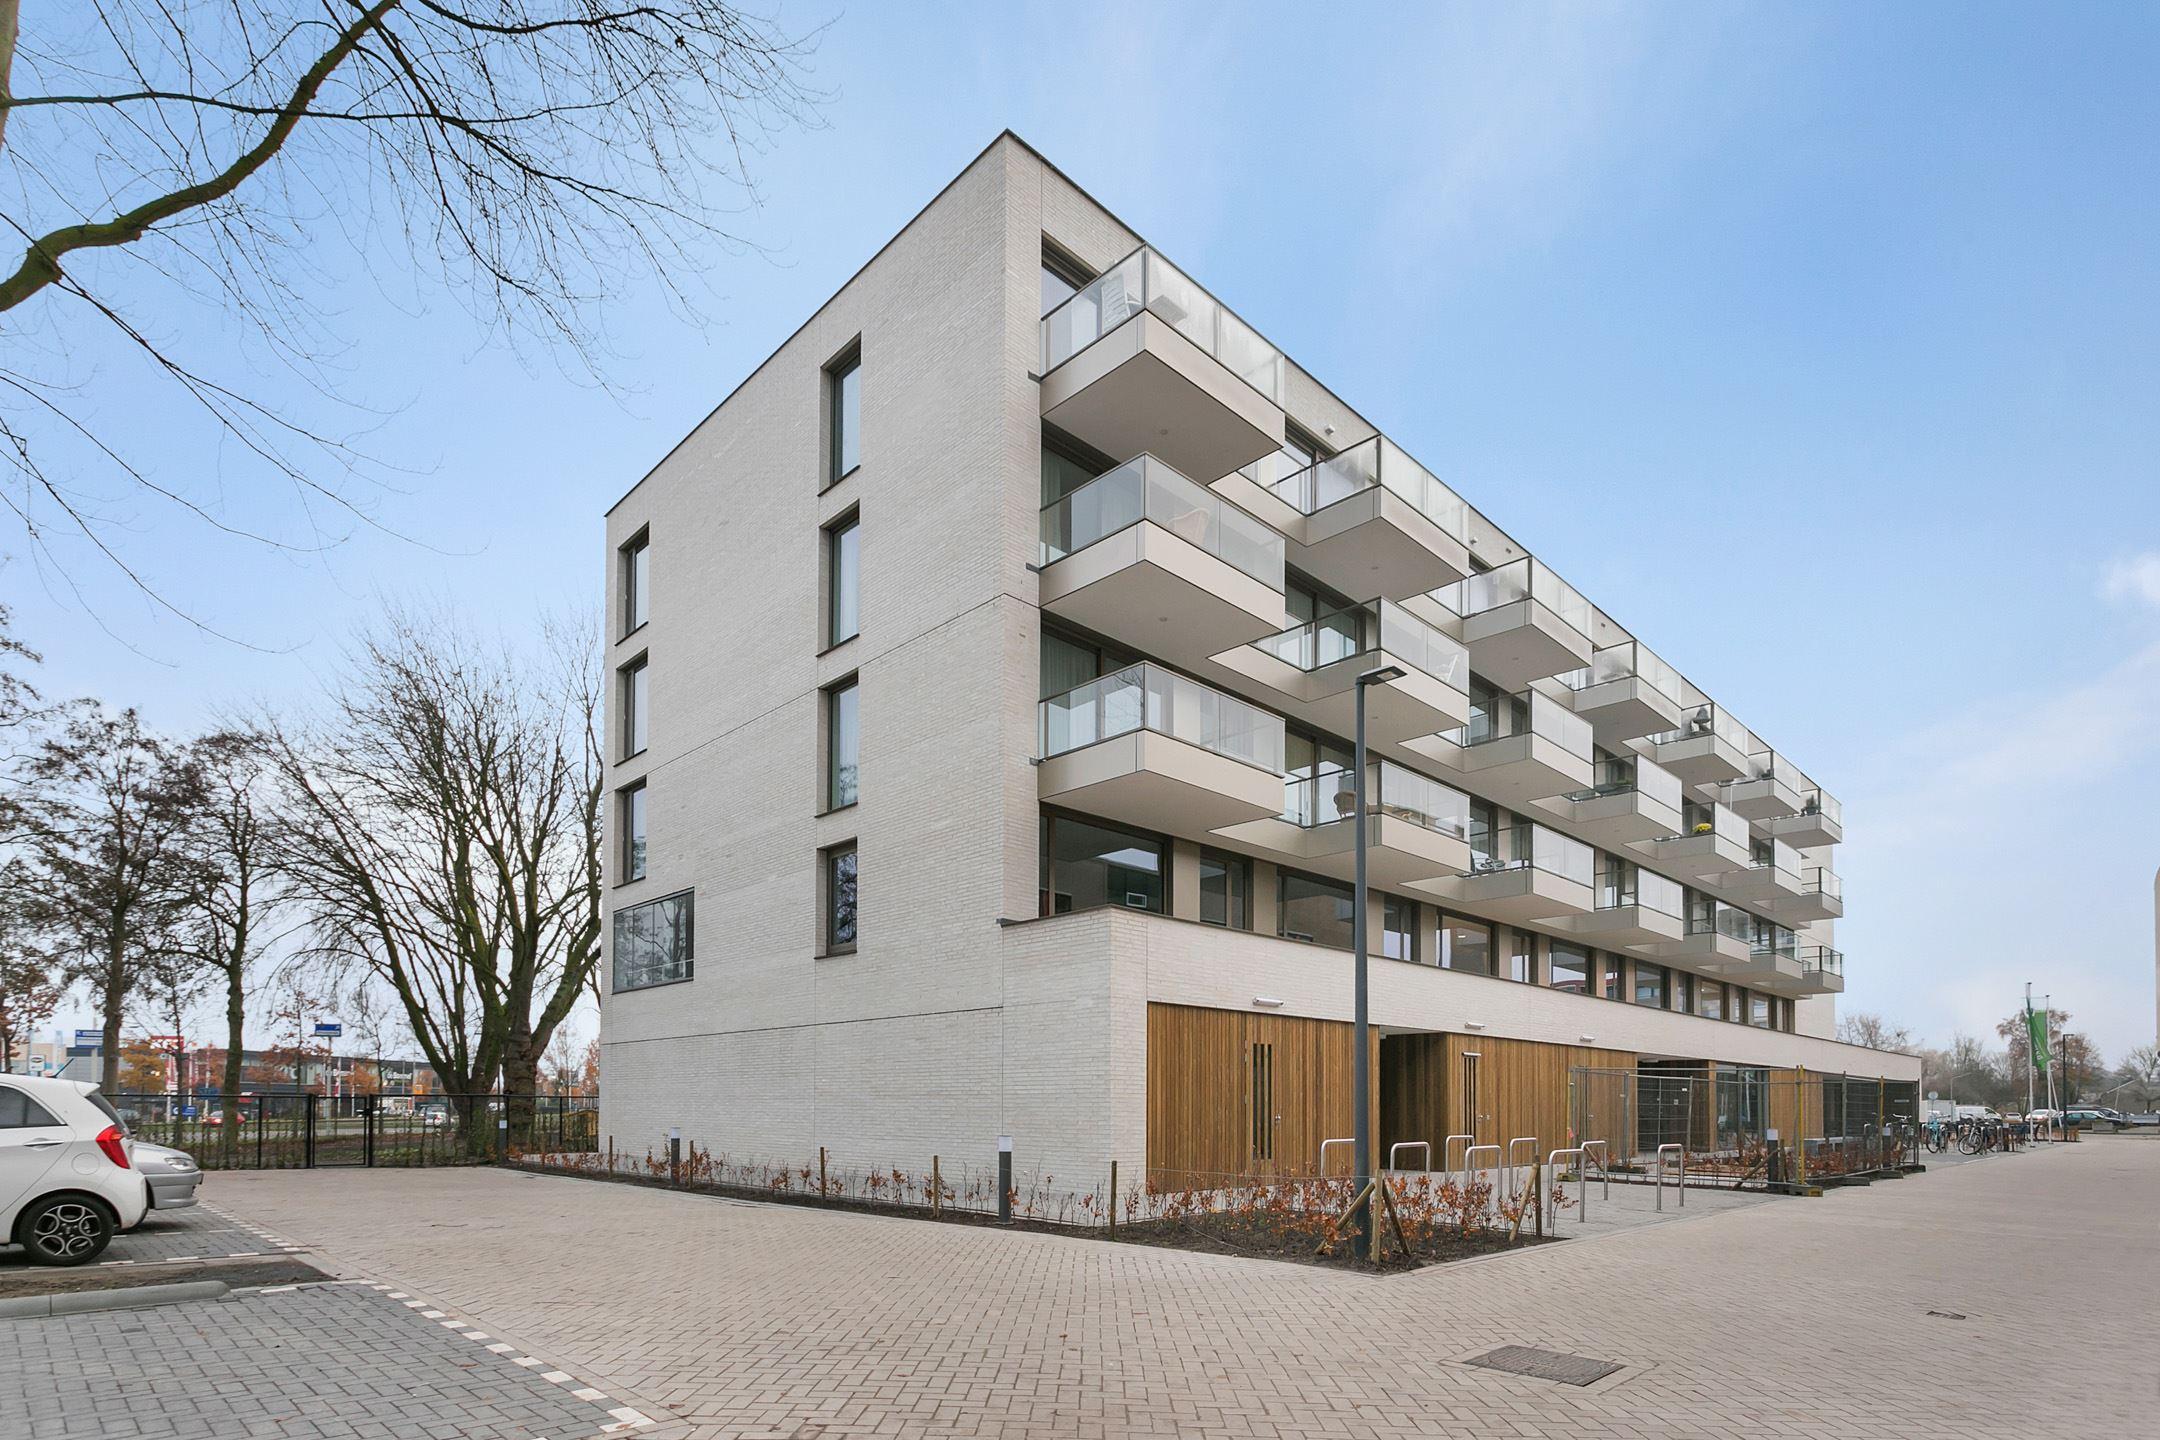 StadsKliniek Breda